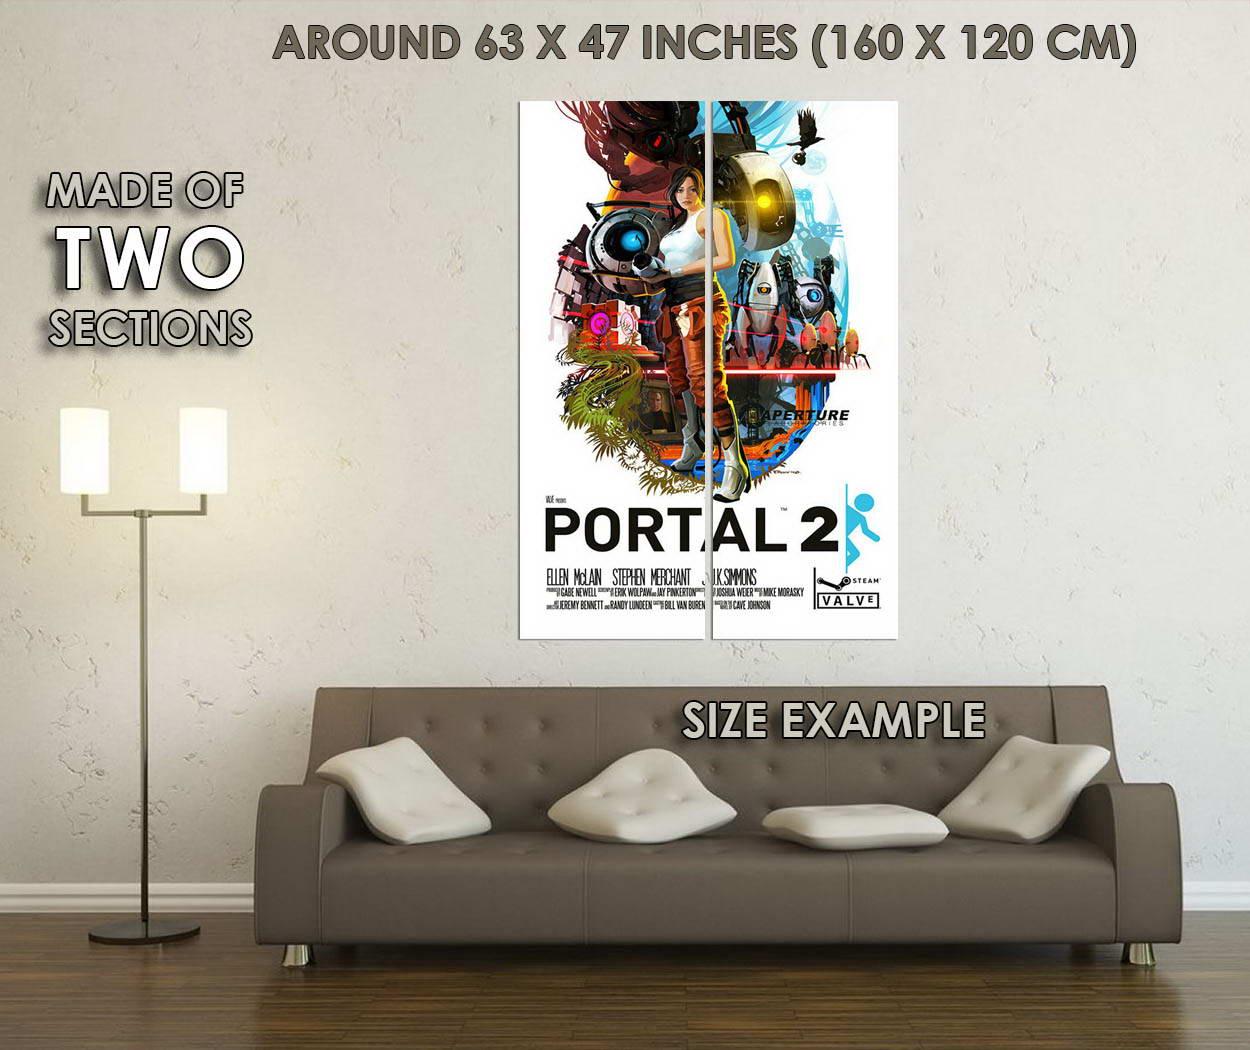 10250-Portal-2-Game-LAMINATED-POSTER-CA thumbnail 6